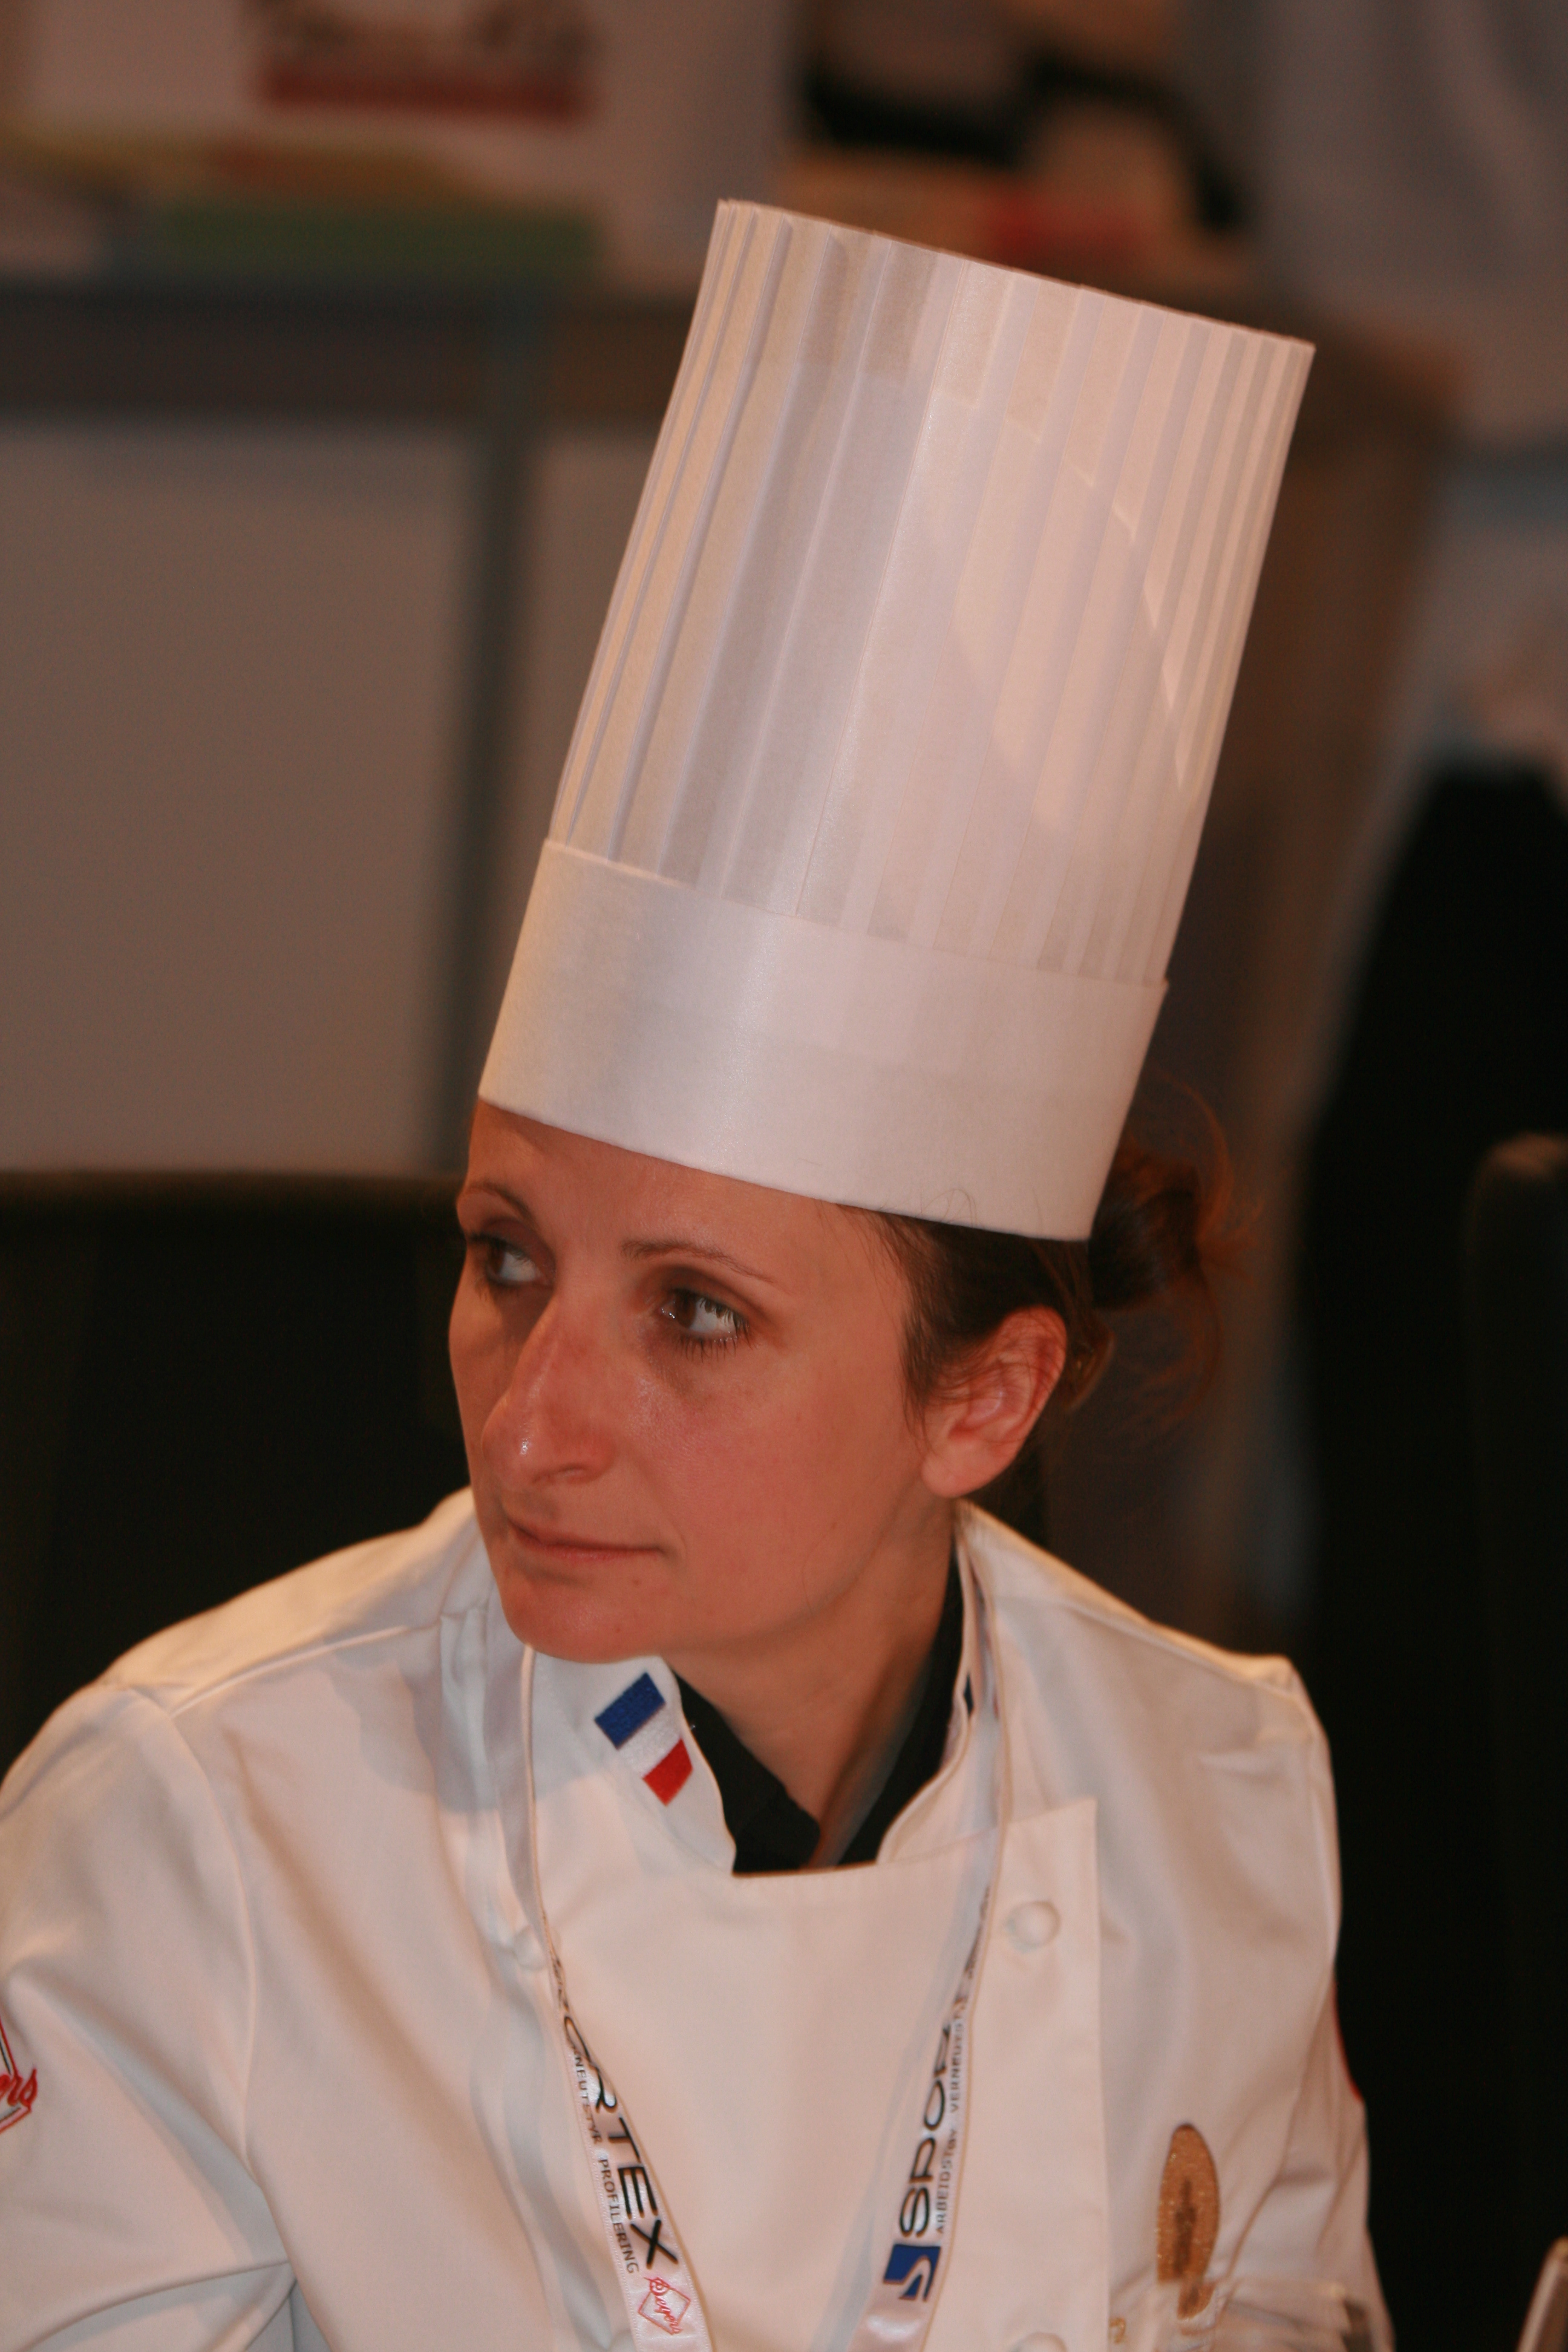 recherche femme cuisiniere